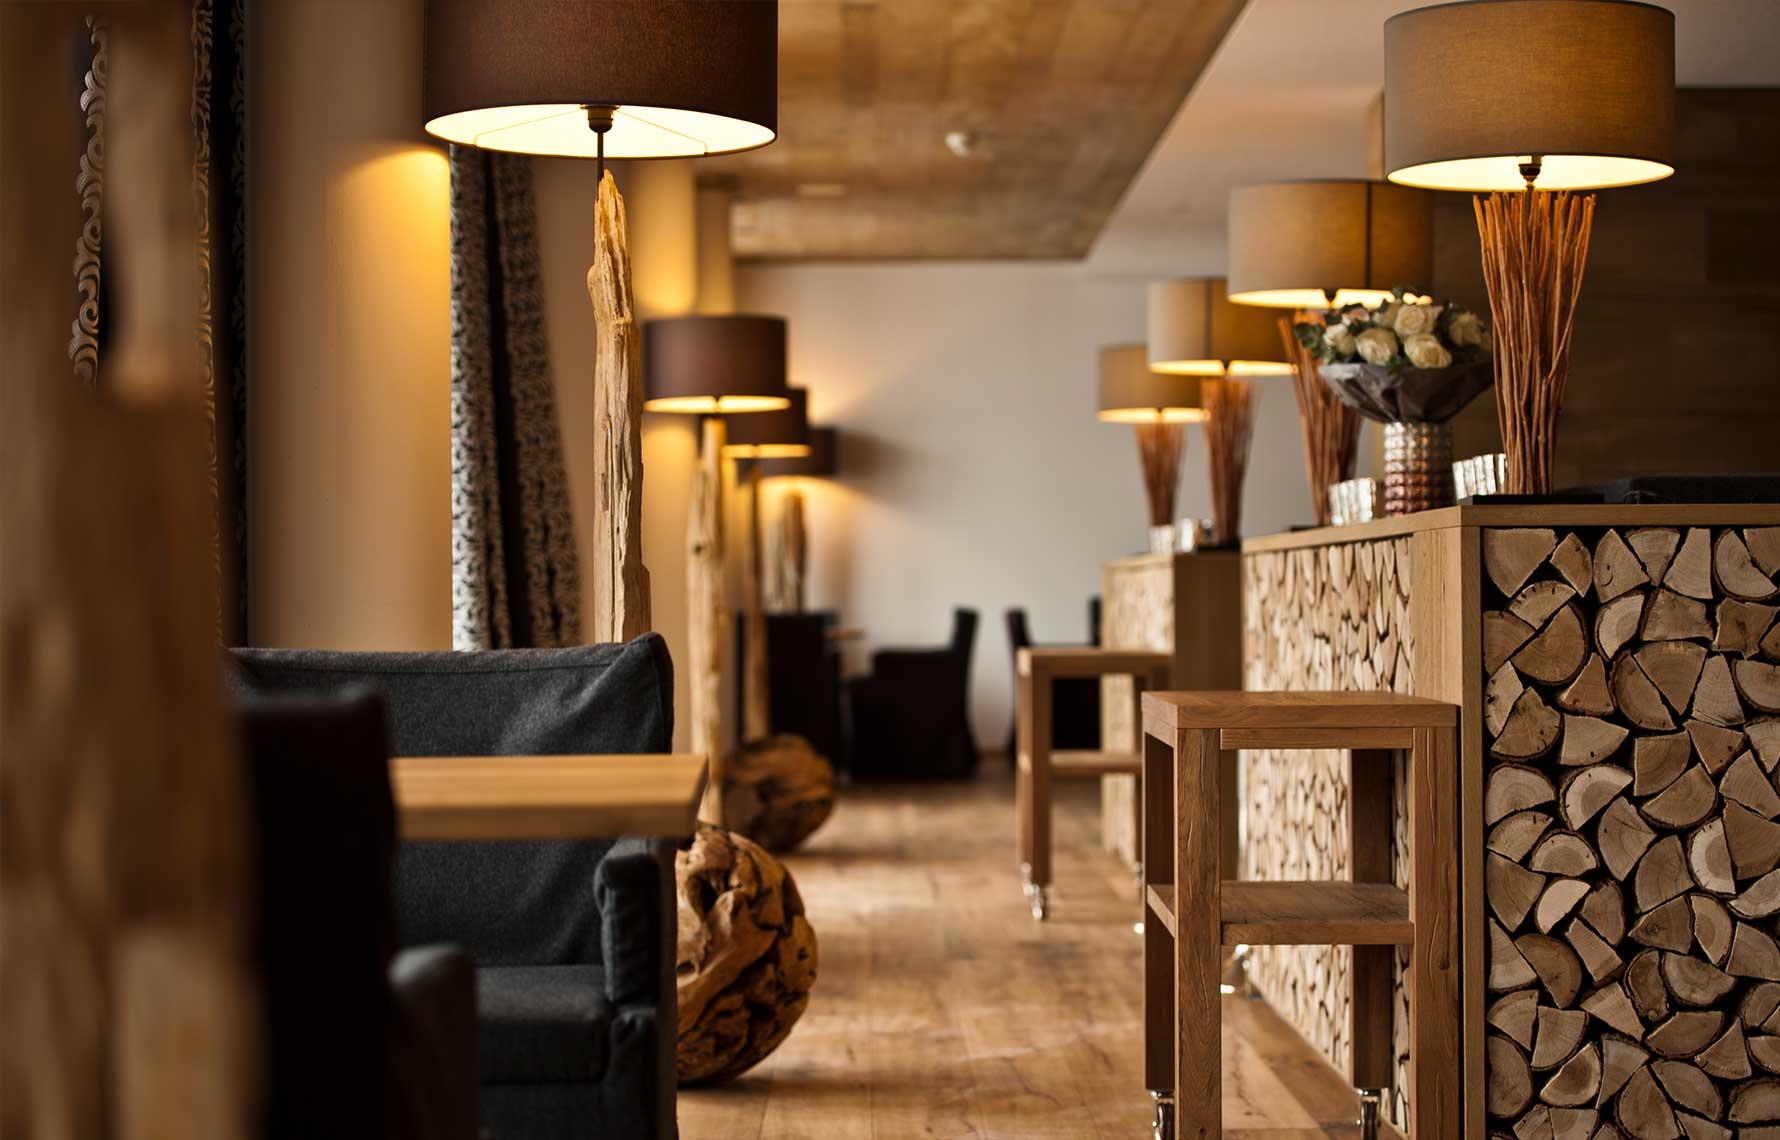 Referenzen joachim wagner interior design for Designhotel oberstdorf